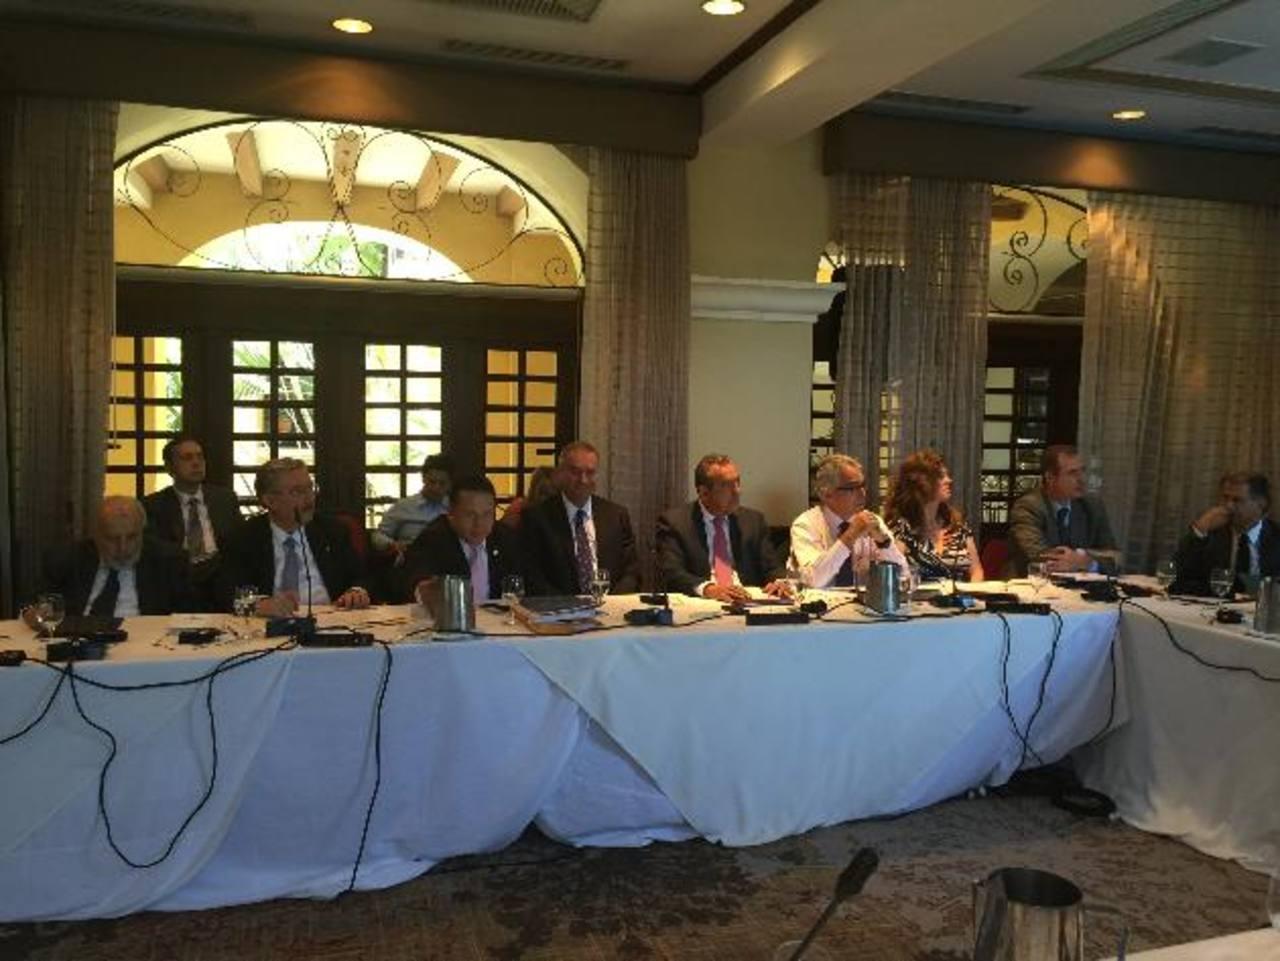 Presidentes y magistrados de tribunales constitucionales reunidos ayer en Costa Rica, mostraron su total apoyo a sus homólogos de la Sala de lo Constitucional de El Salvador. Foto EDH